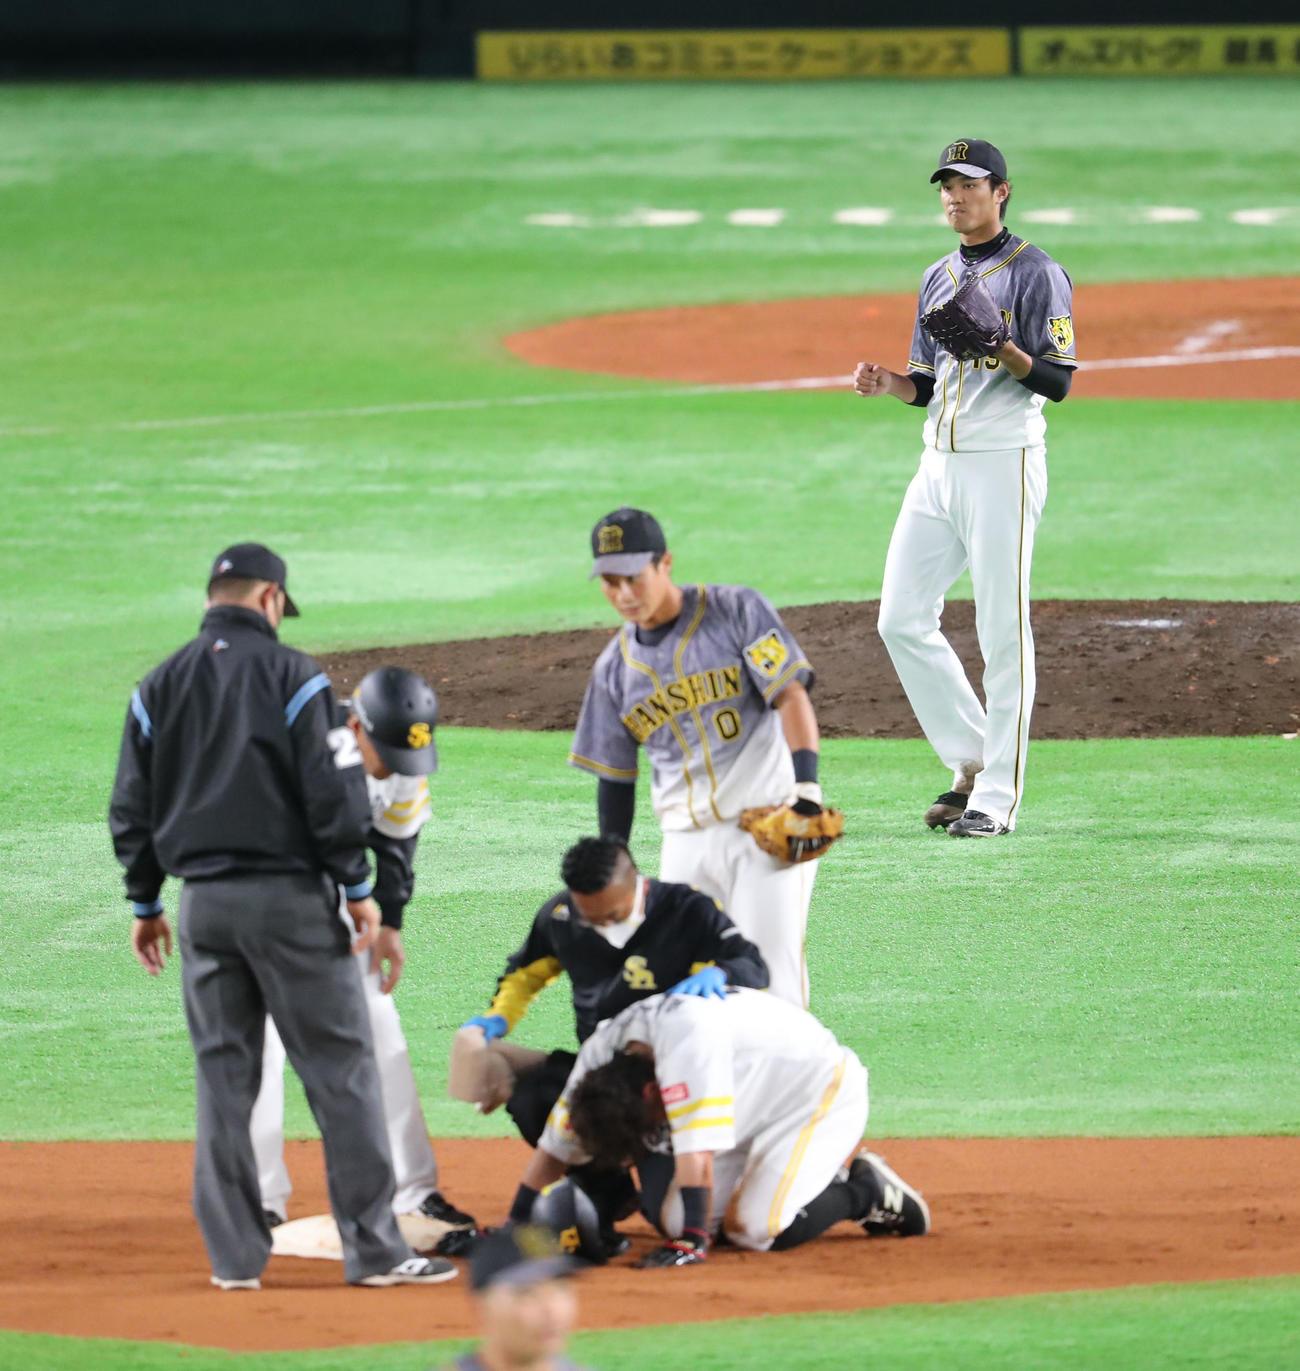 ソフトバンク対阪神 6回裏ソフトバンク無死二塁、打者・三森大貴のときに藤浪晋太郎は二塁へけん制球を送る、二塁走者の牧原大成は負傷。心配そうな表情(撮影・梅根麻紀)